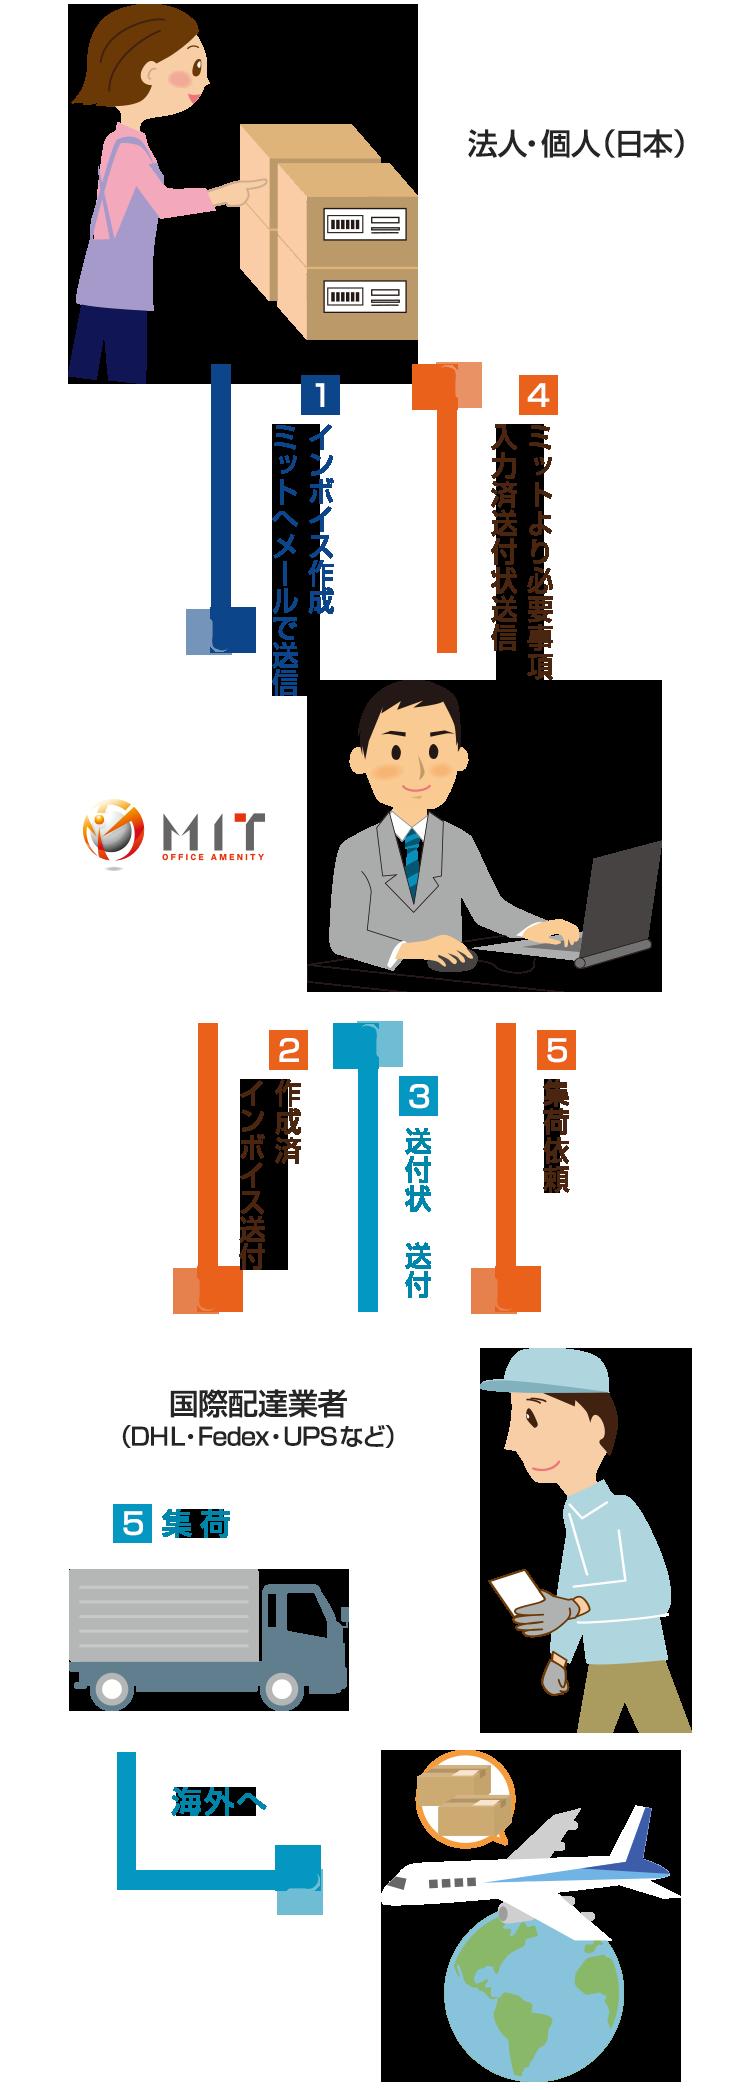 MITを使用した場合のお申込みの流れ 画像